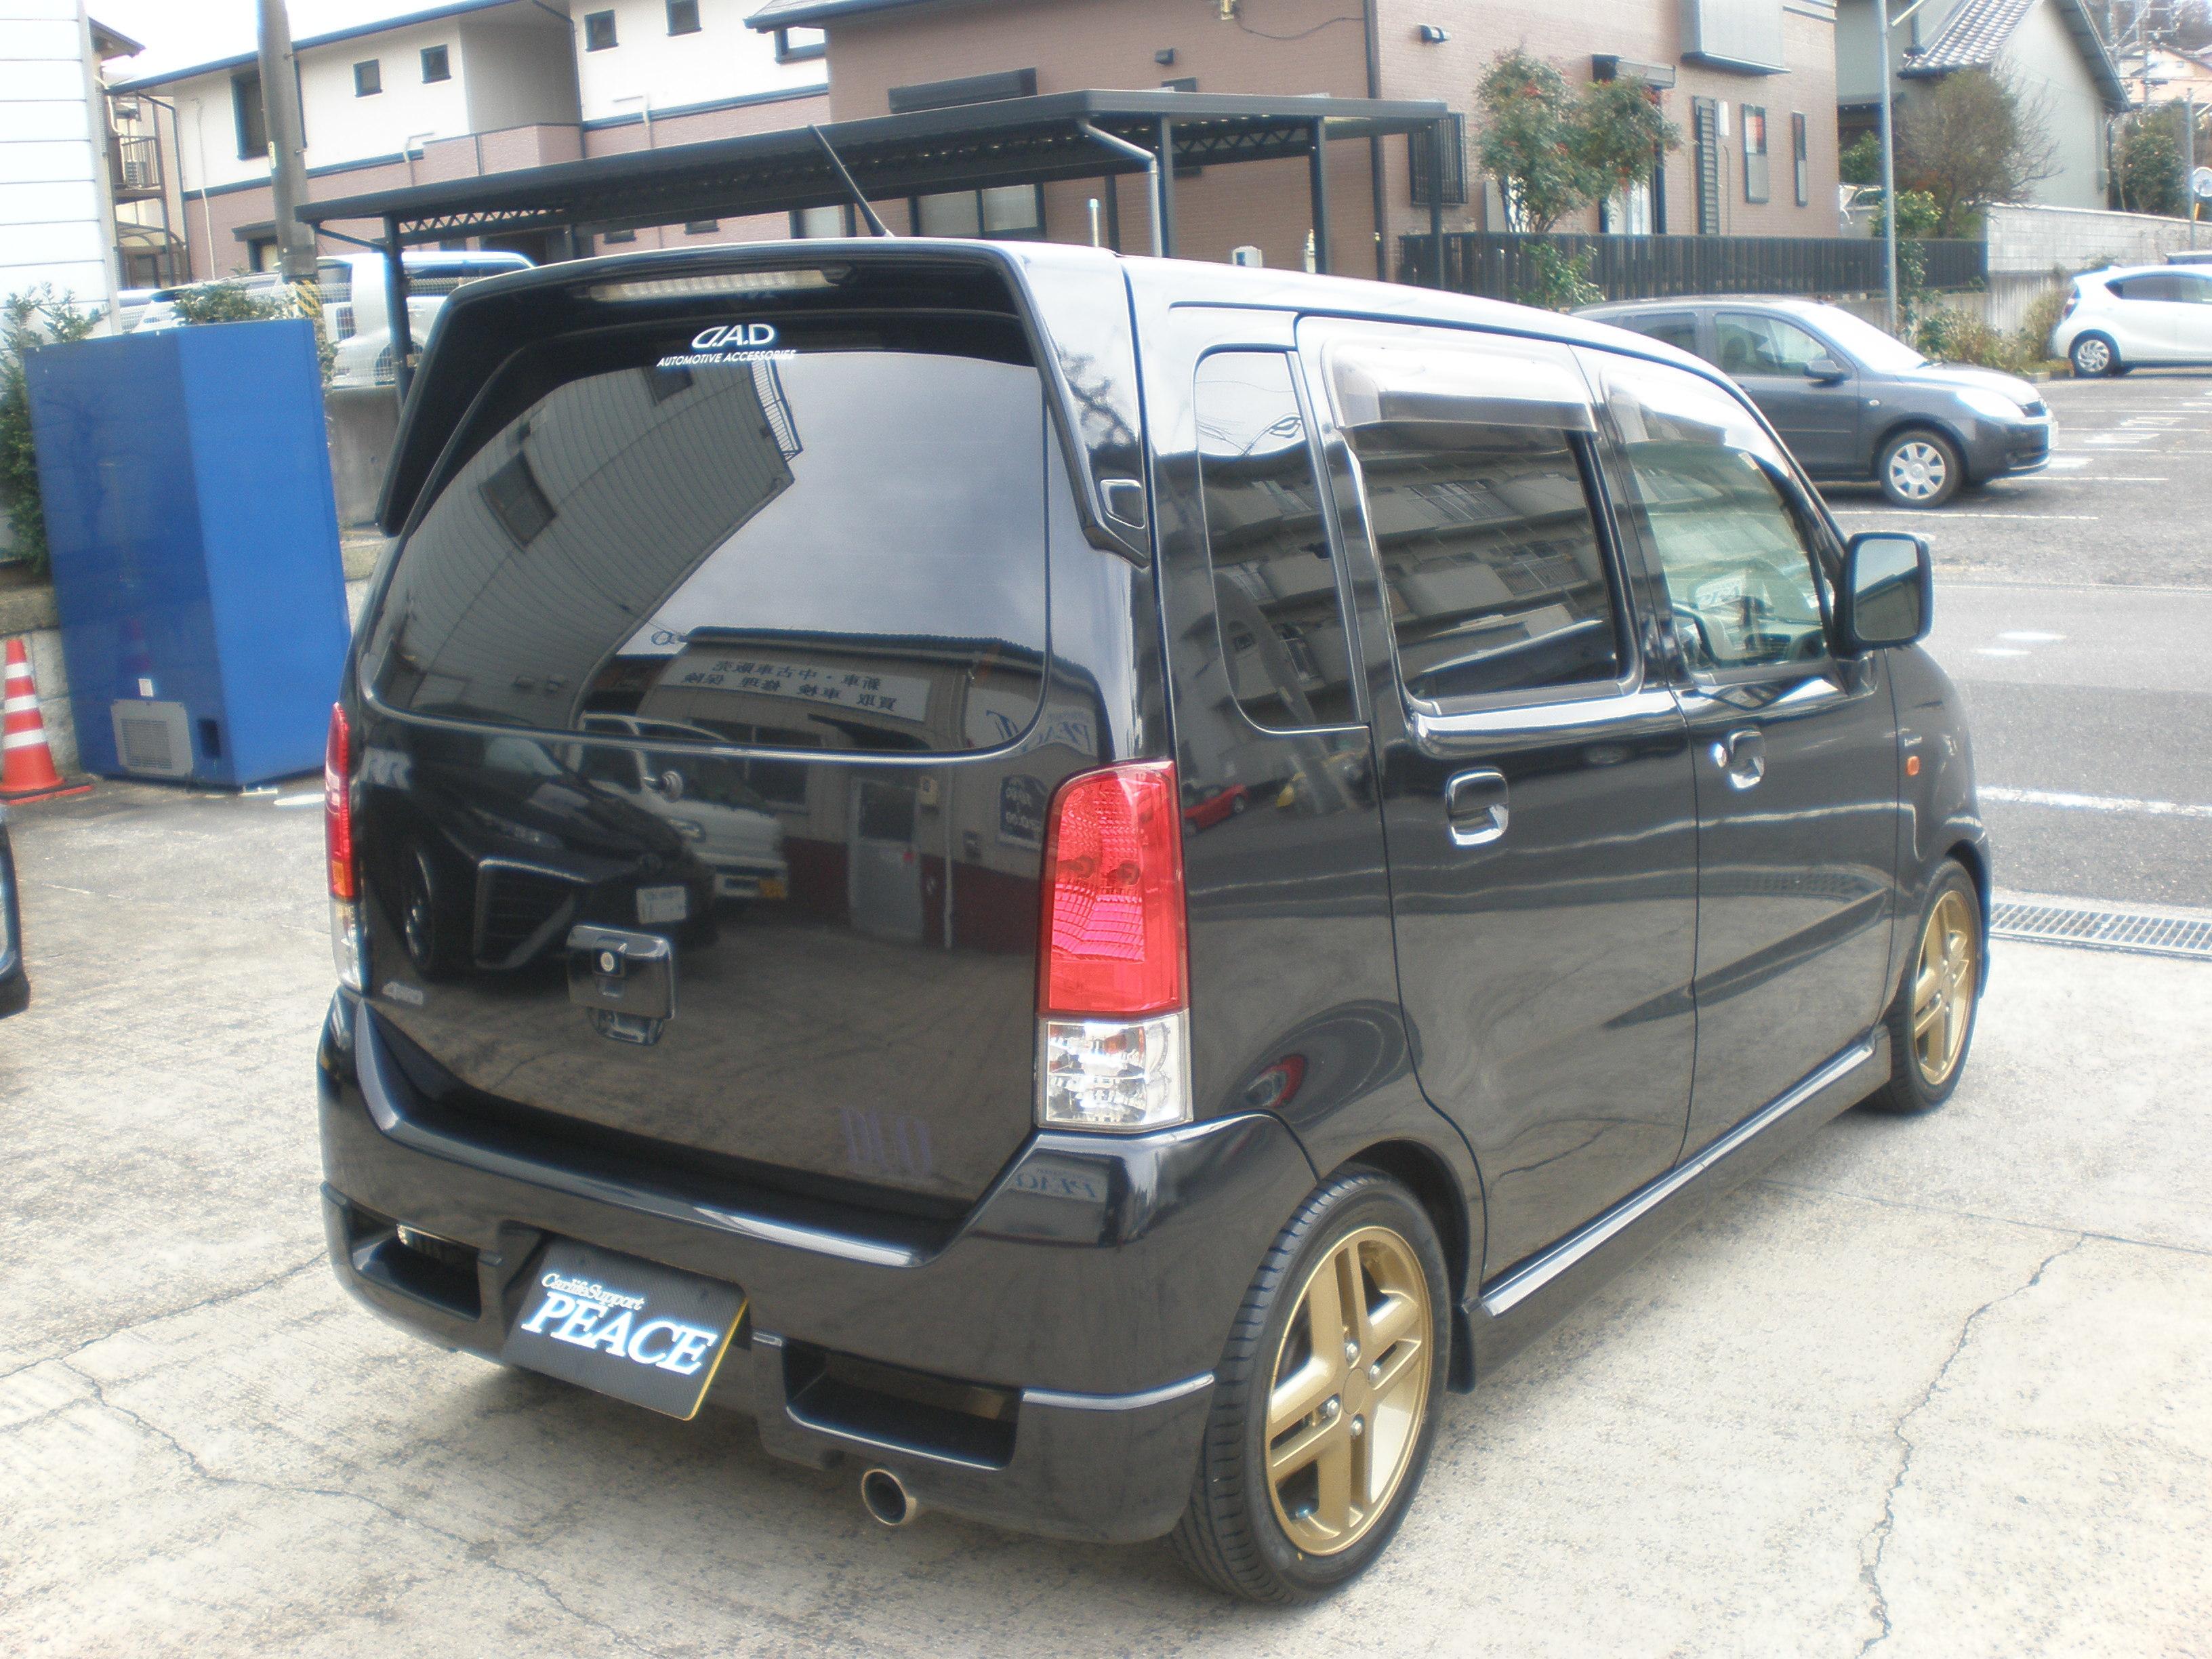 ワゴンR 012